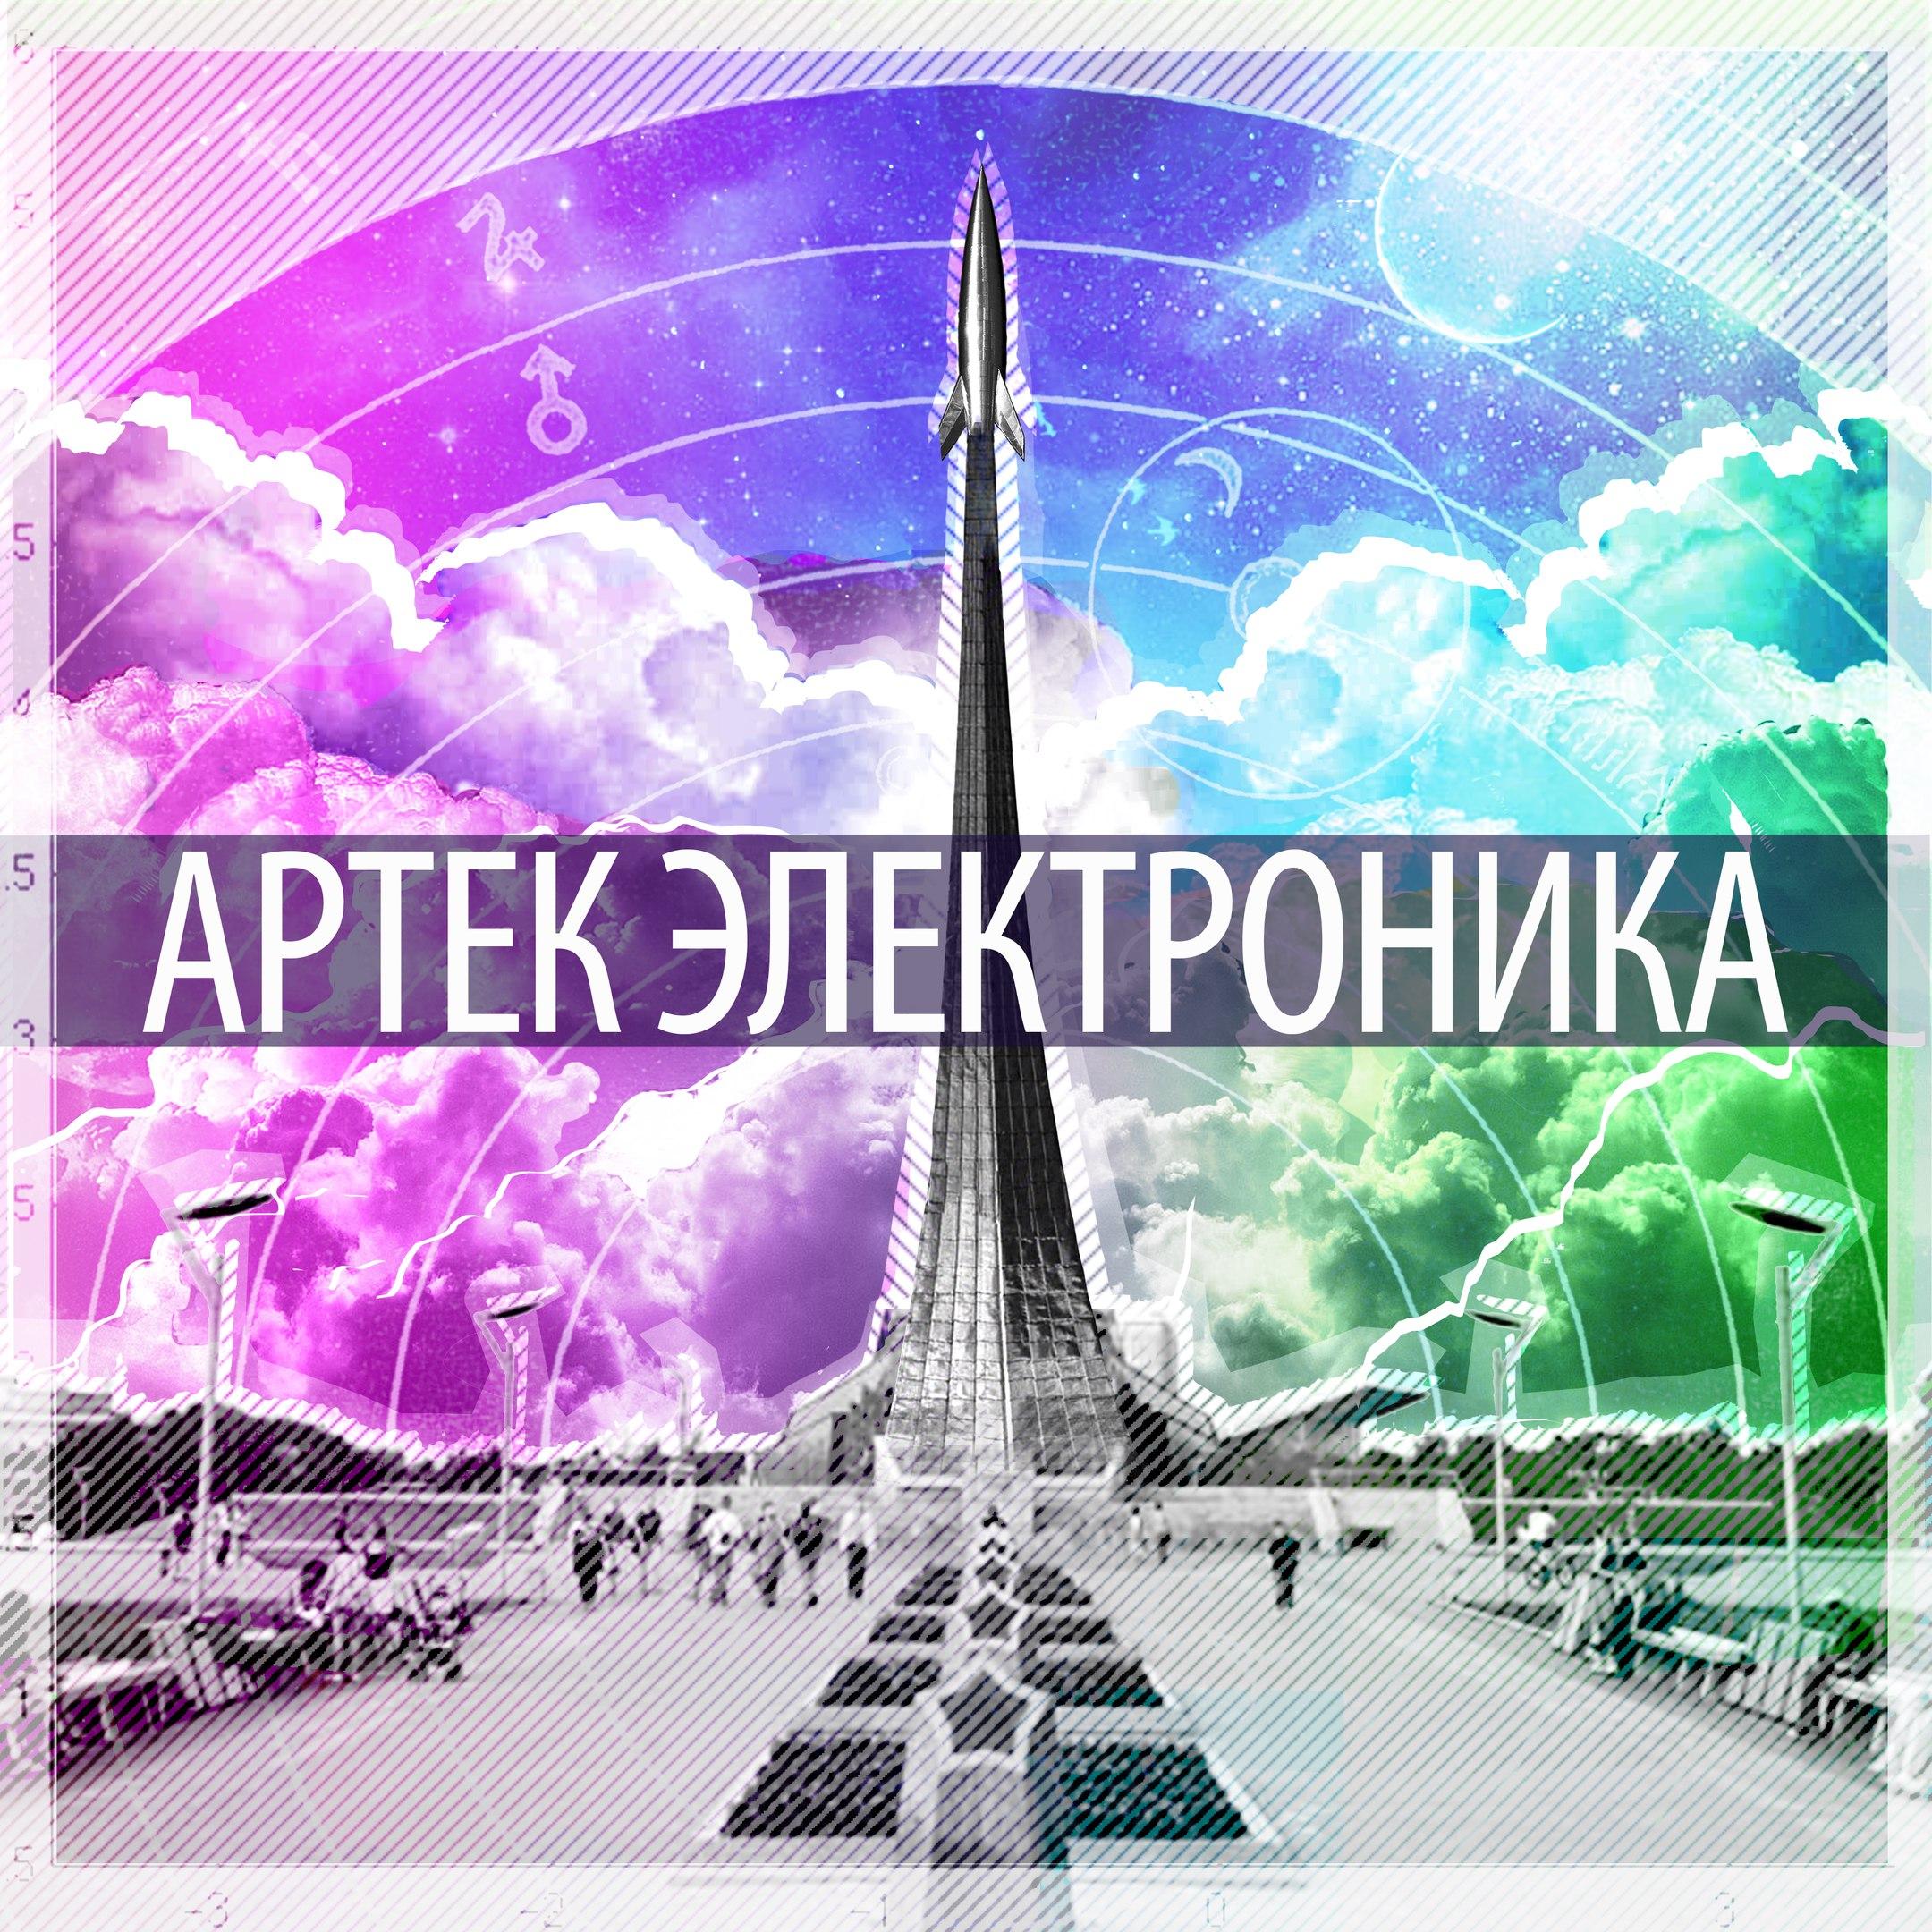 Группа Артек Электроника готова выпустить альбом